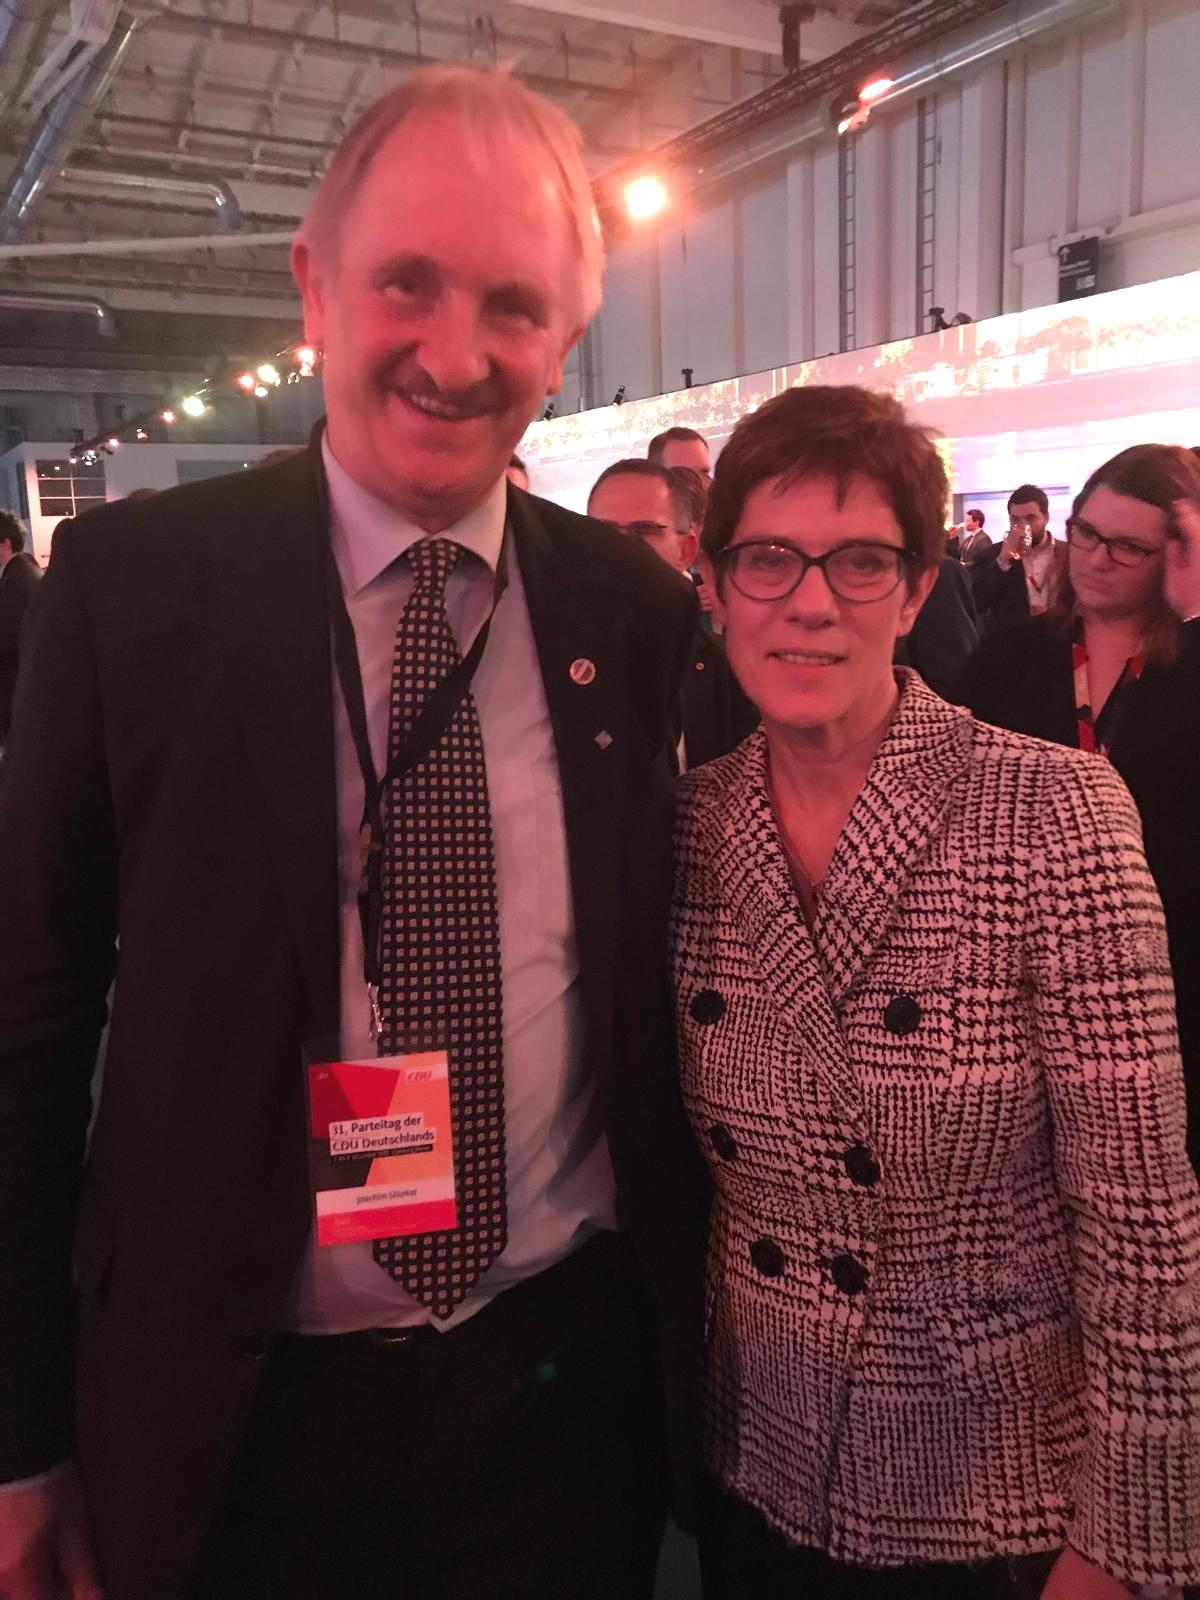 Joachim Stünkel und die neue CDU Vorsitzende Annegret Kramp-Karrenbauer